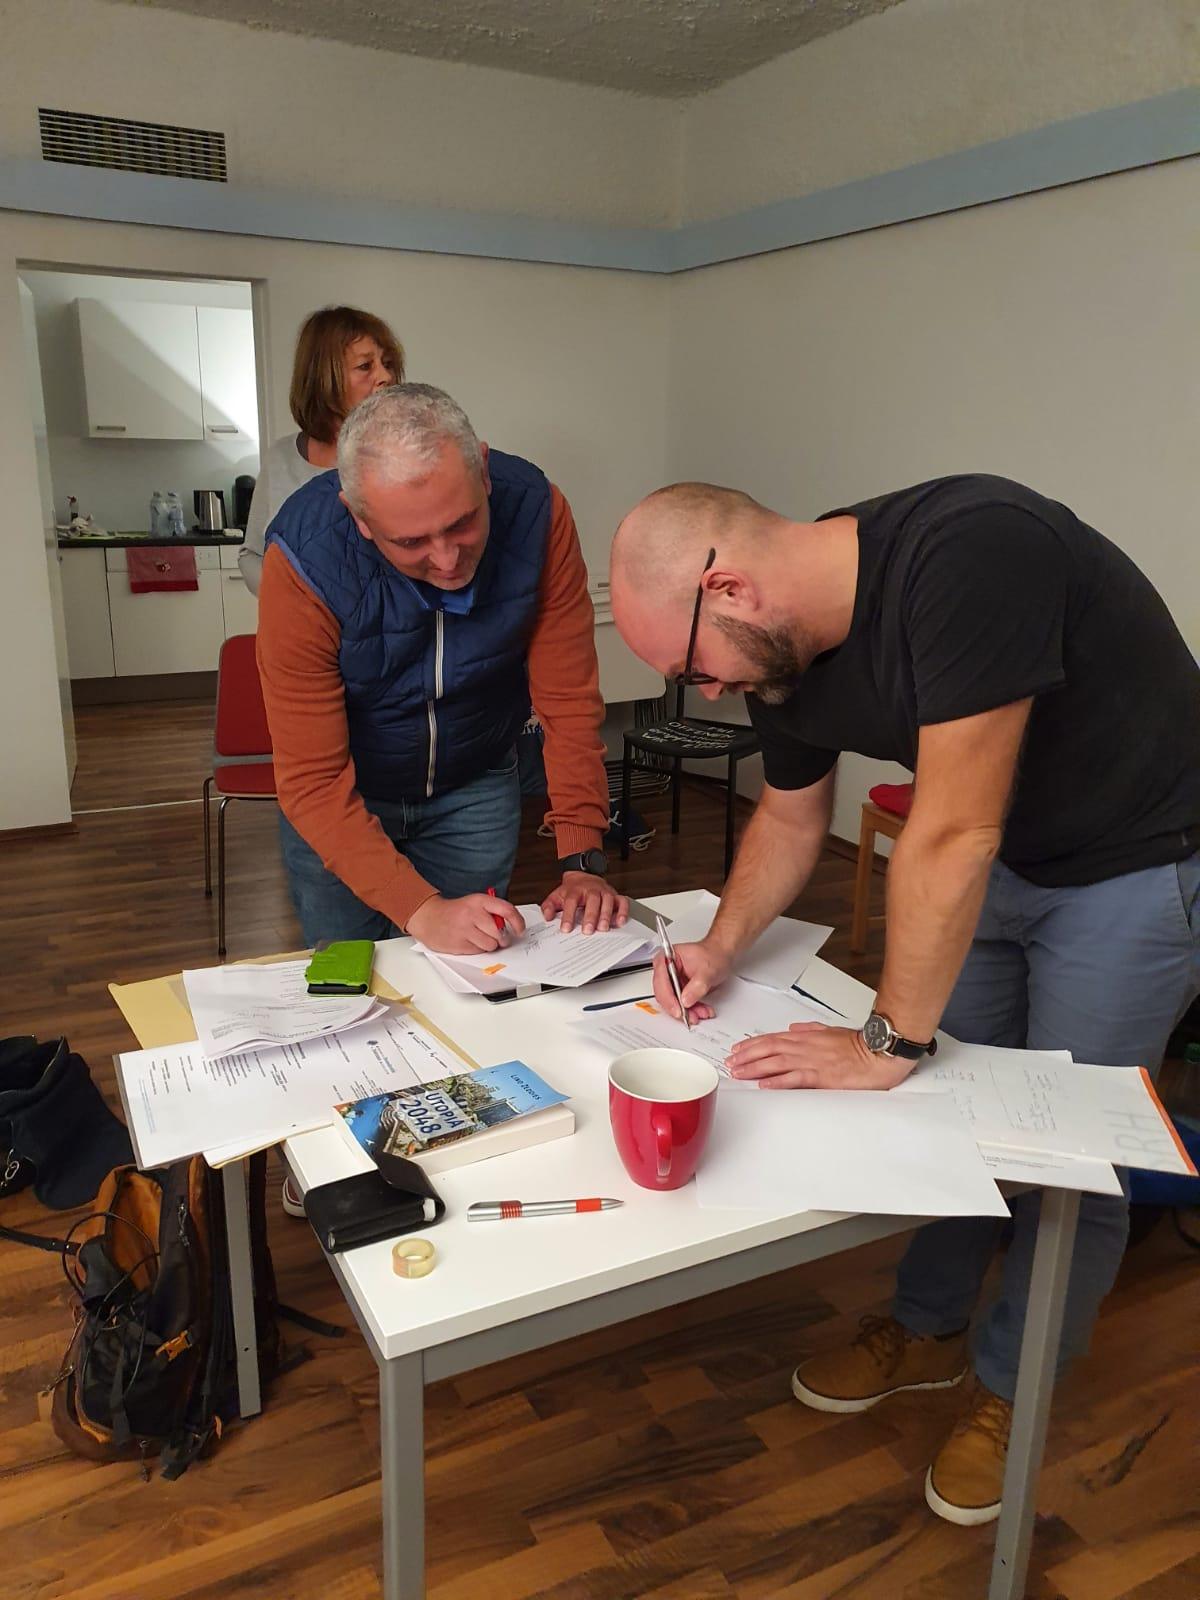 Unterzeichnung Mietvertrag Wohnzimmer Jan-Peter Oppenheimer und Adrian Seidler, 7. Okt. 2020